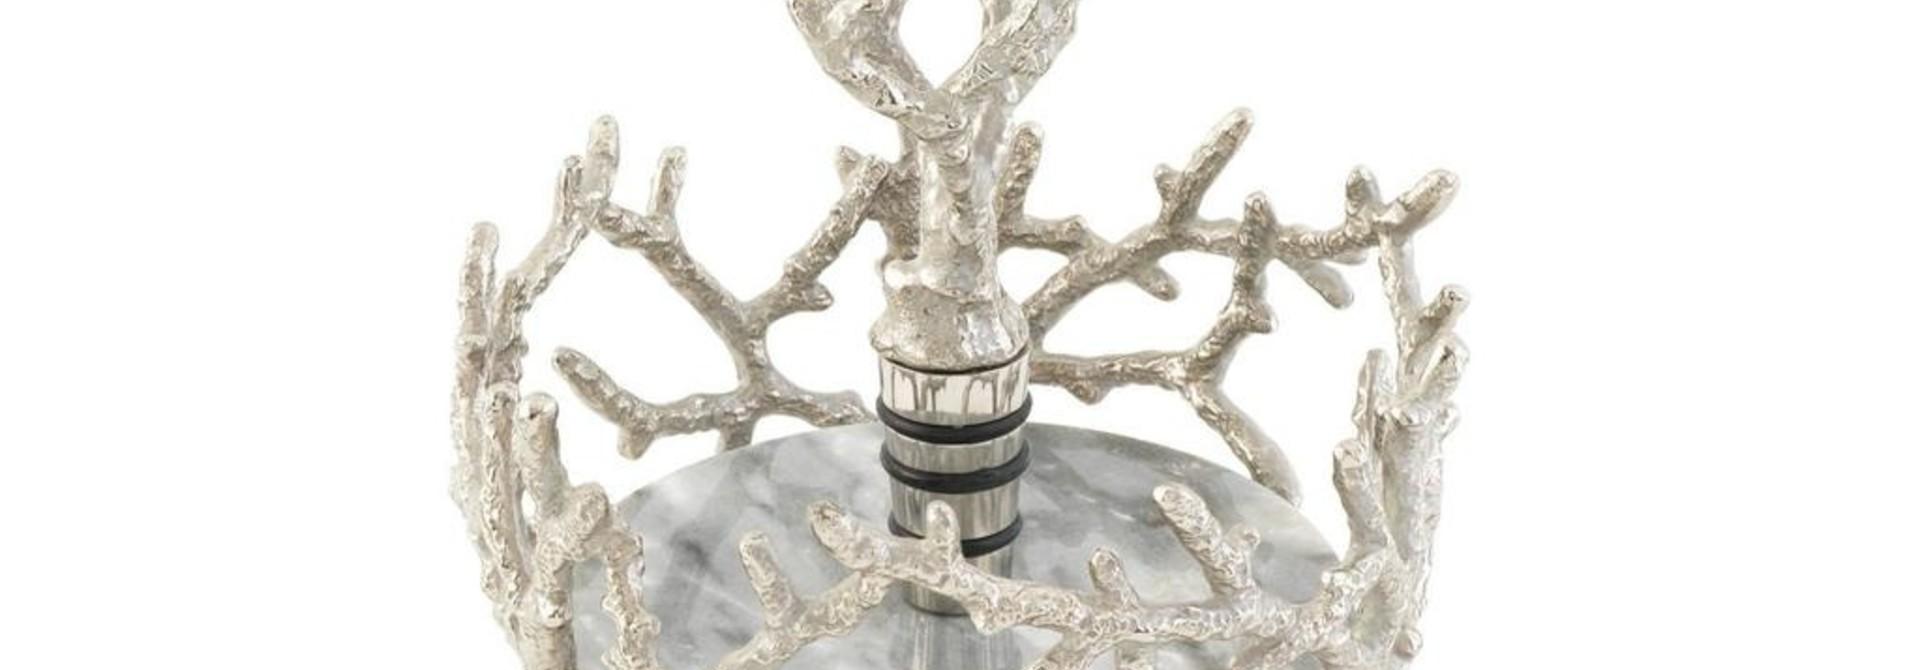 MICHAEL ARAM - Bottle Coaster + Stopper Set